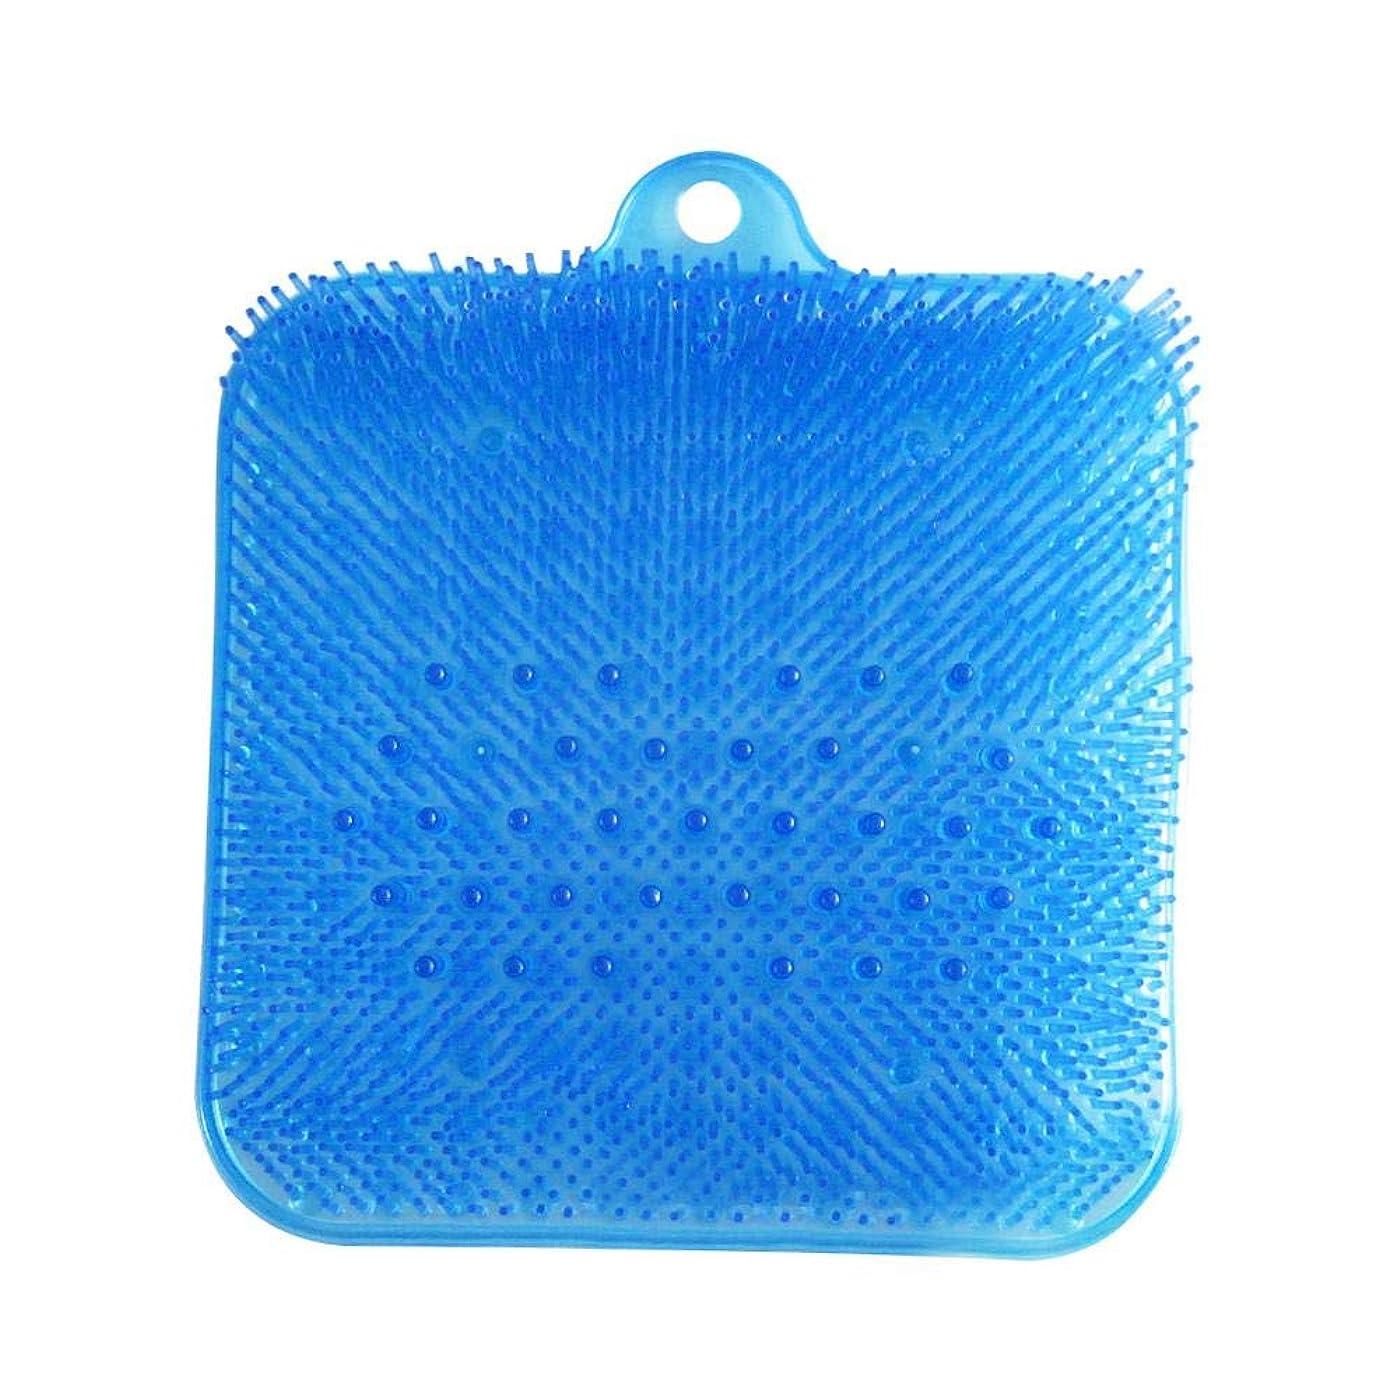 封建過敏なグリルPROKTH フットブラシ 滑らない吸盤付き 角質ケアブラシ 健康グッズ マッサージ マット 足洗いマット 足裏ケア 丈夫 耐用 使い方が簡単 足洗いブラシ